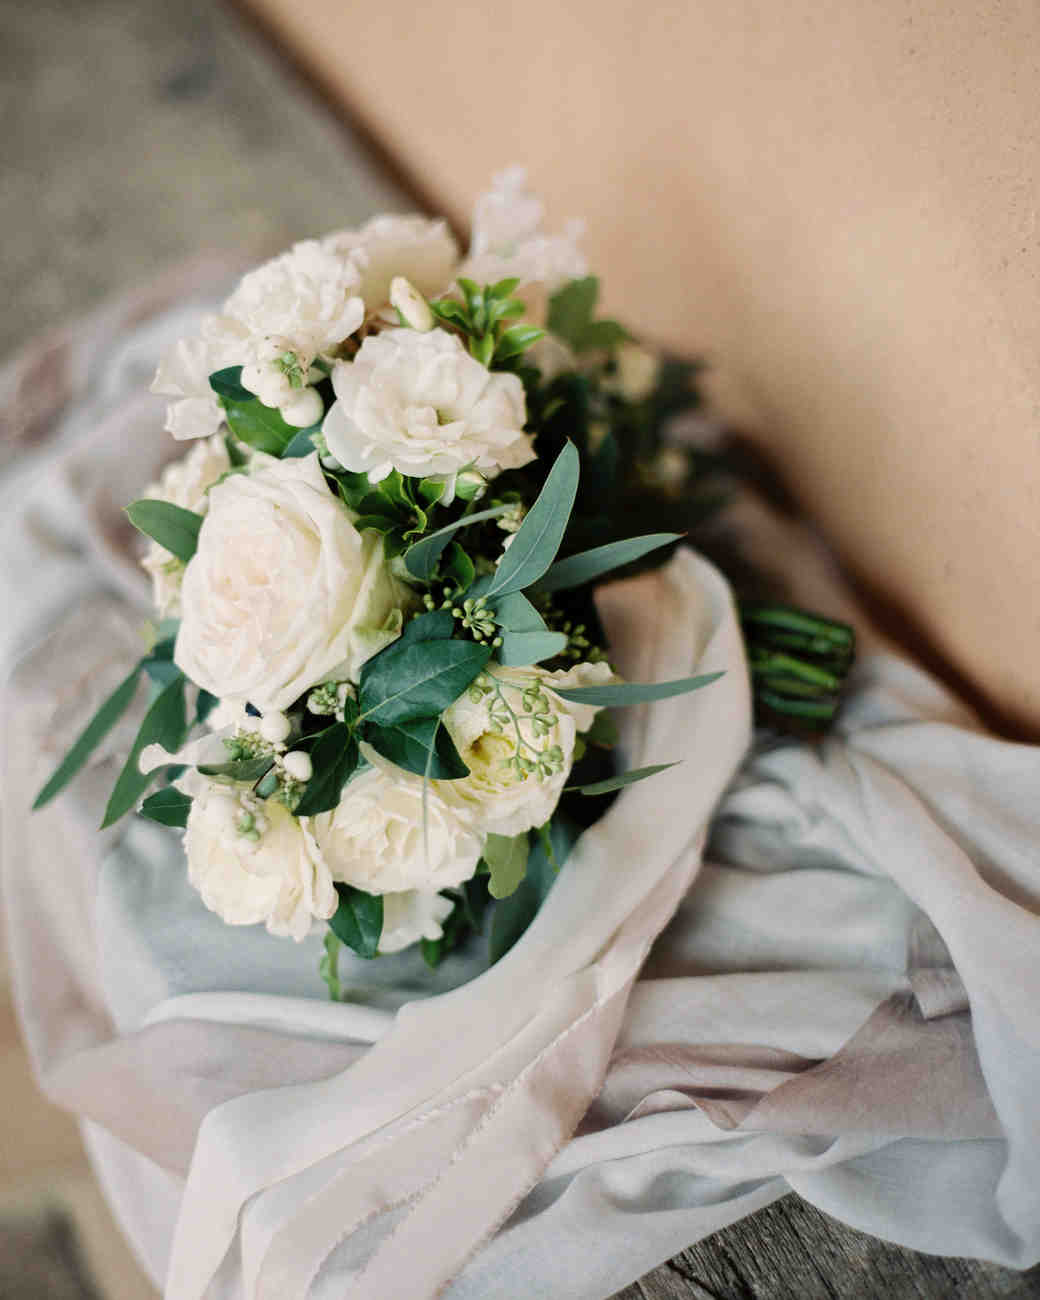 christine-dagan-wedding-bouquet-4282_03-s113011-0616.jpg